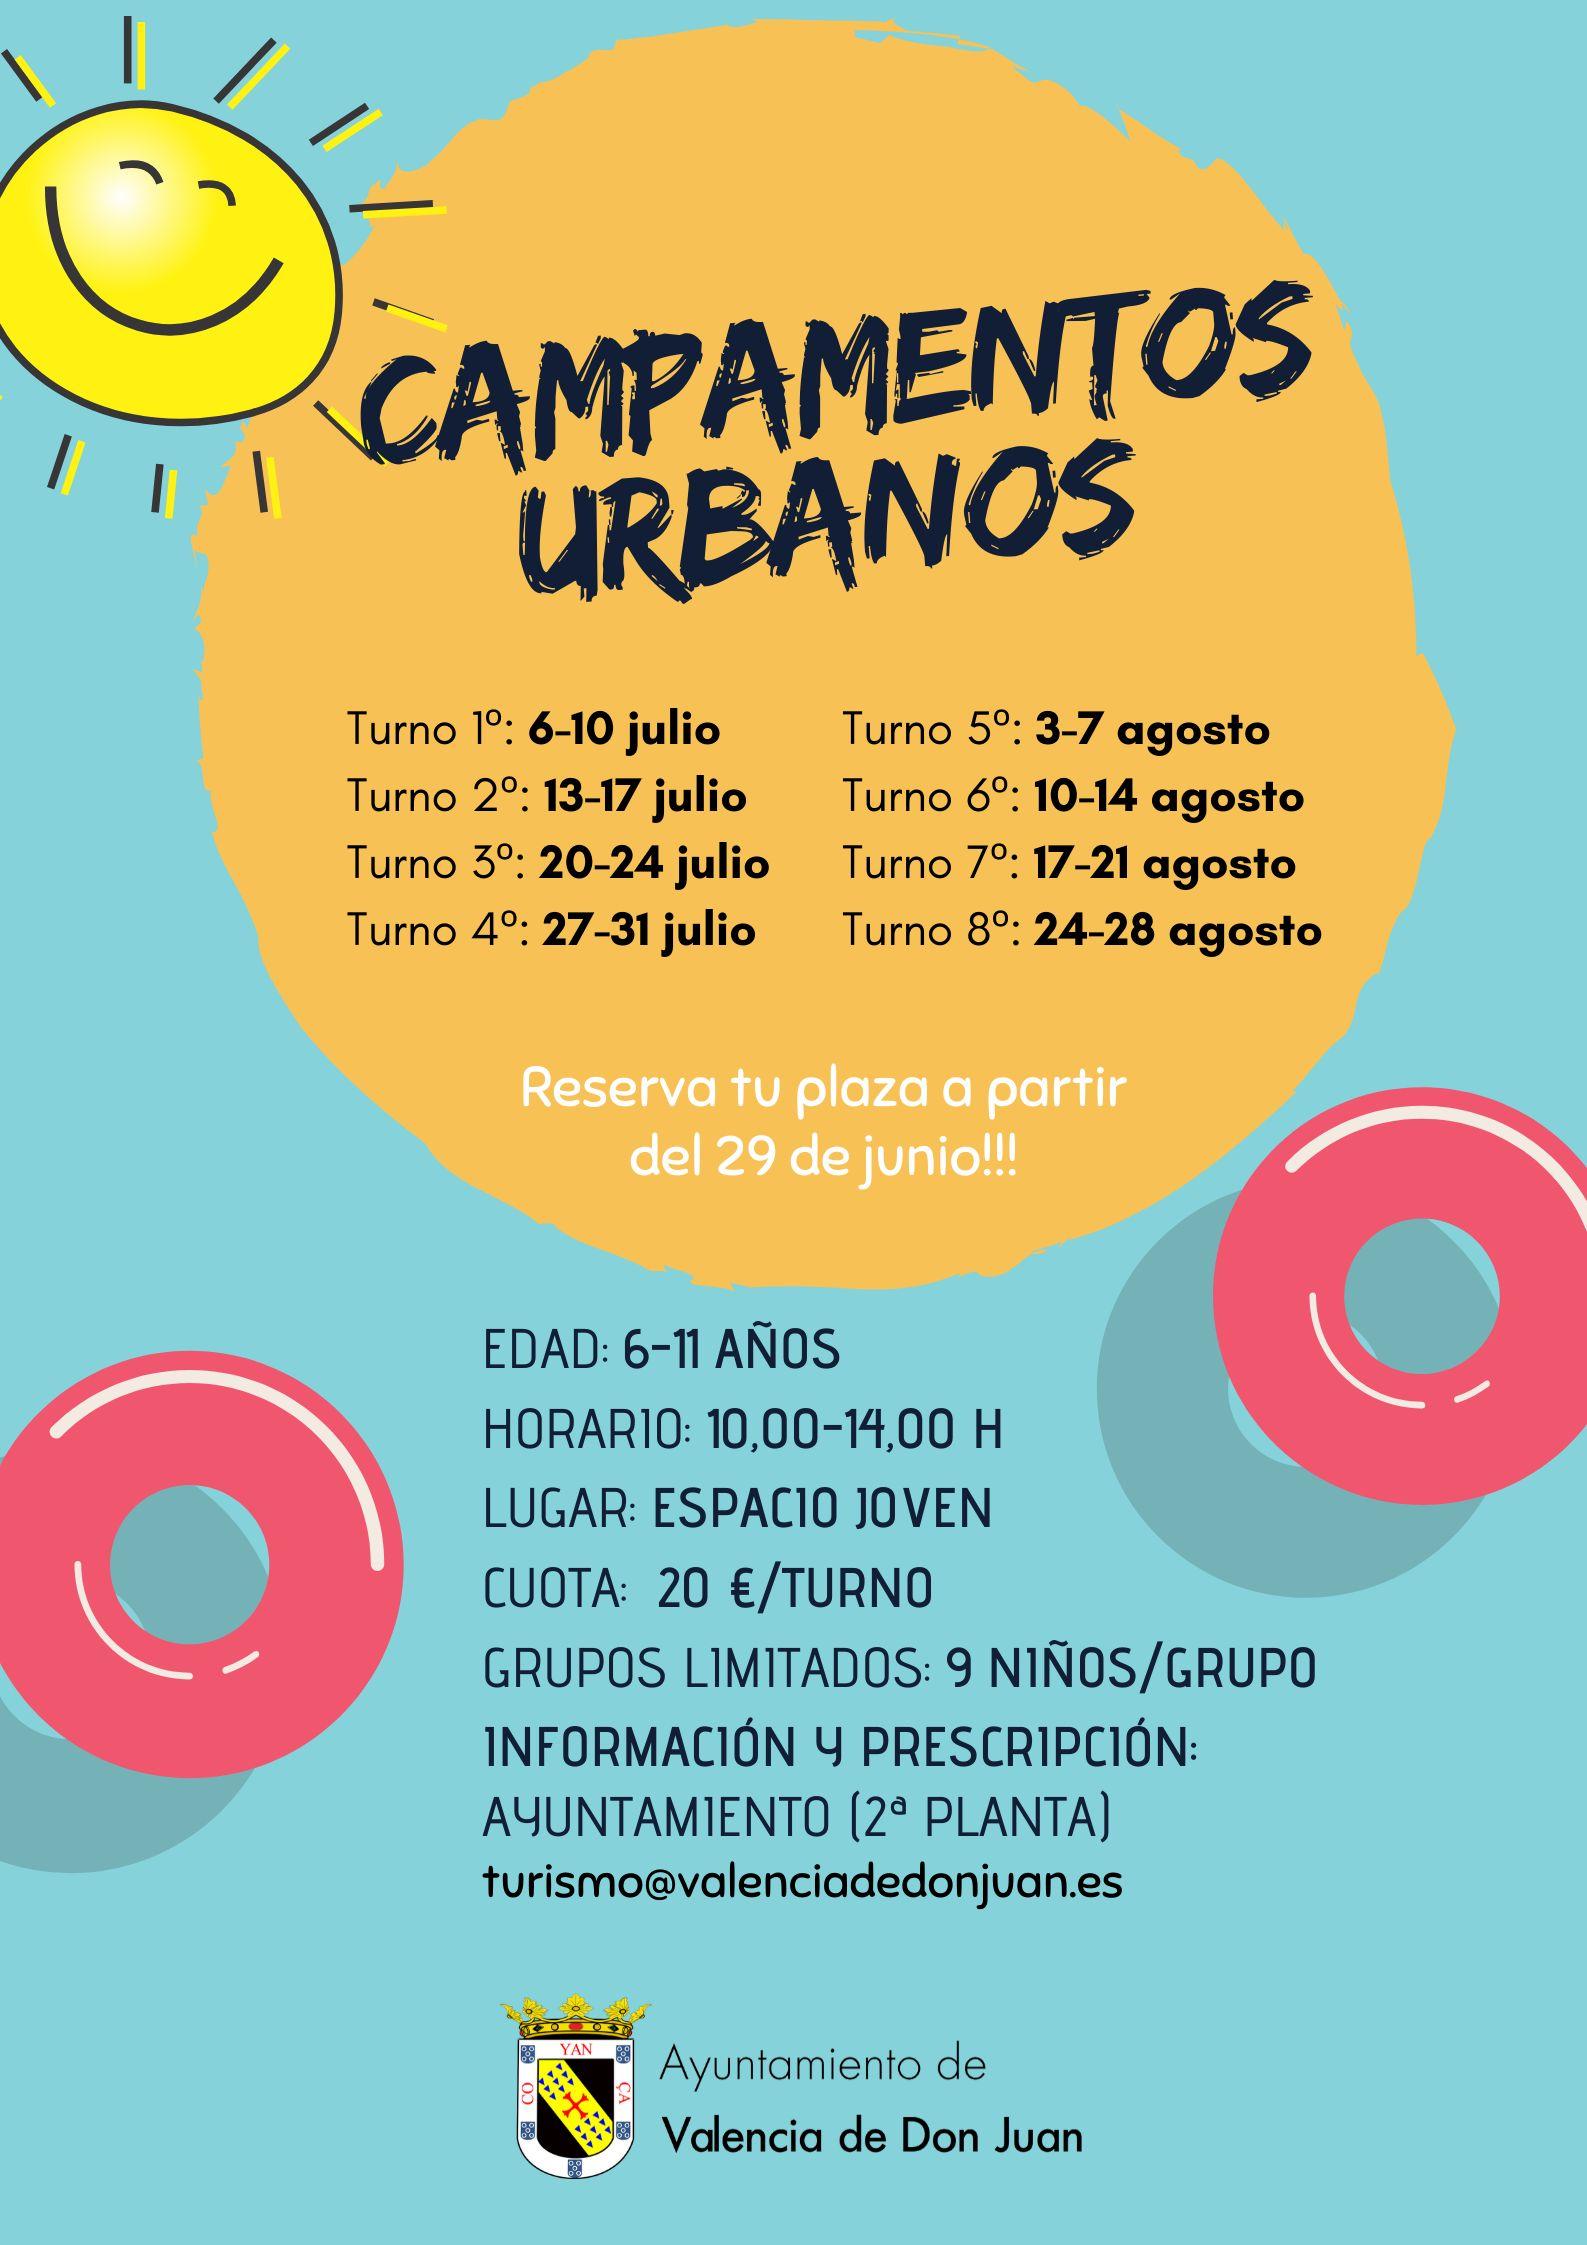 Puesta en marcha del servicio de campamentos 2.020 en León y provincia